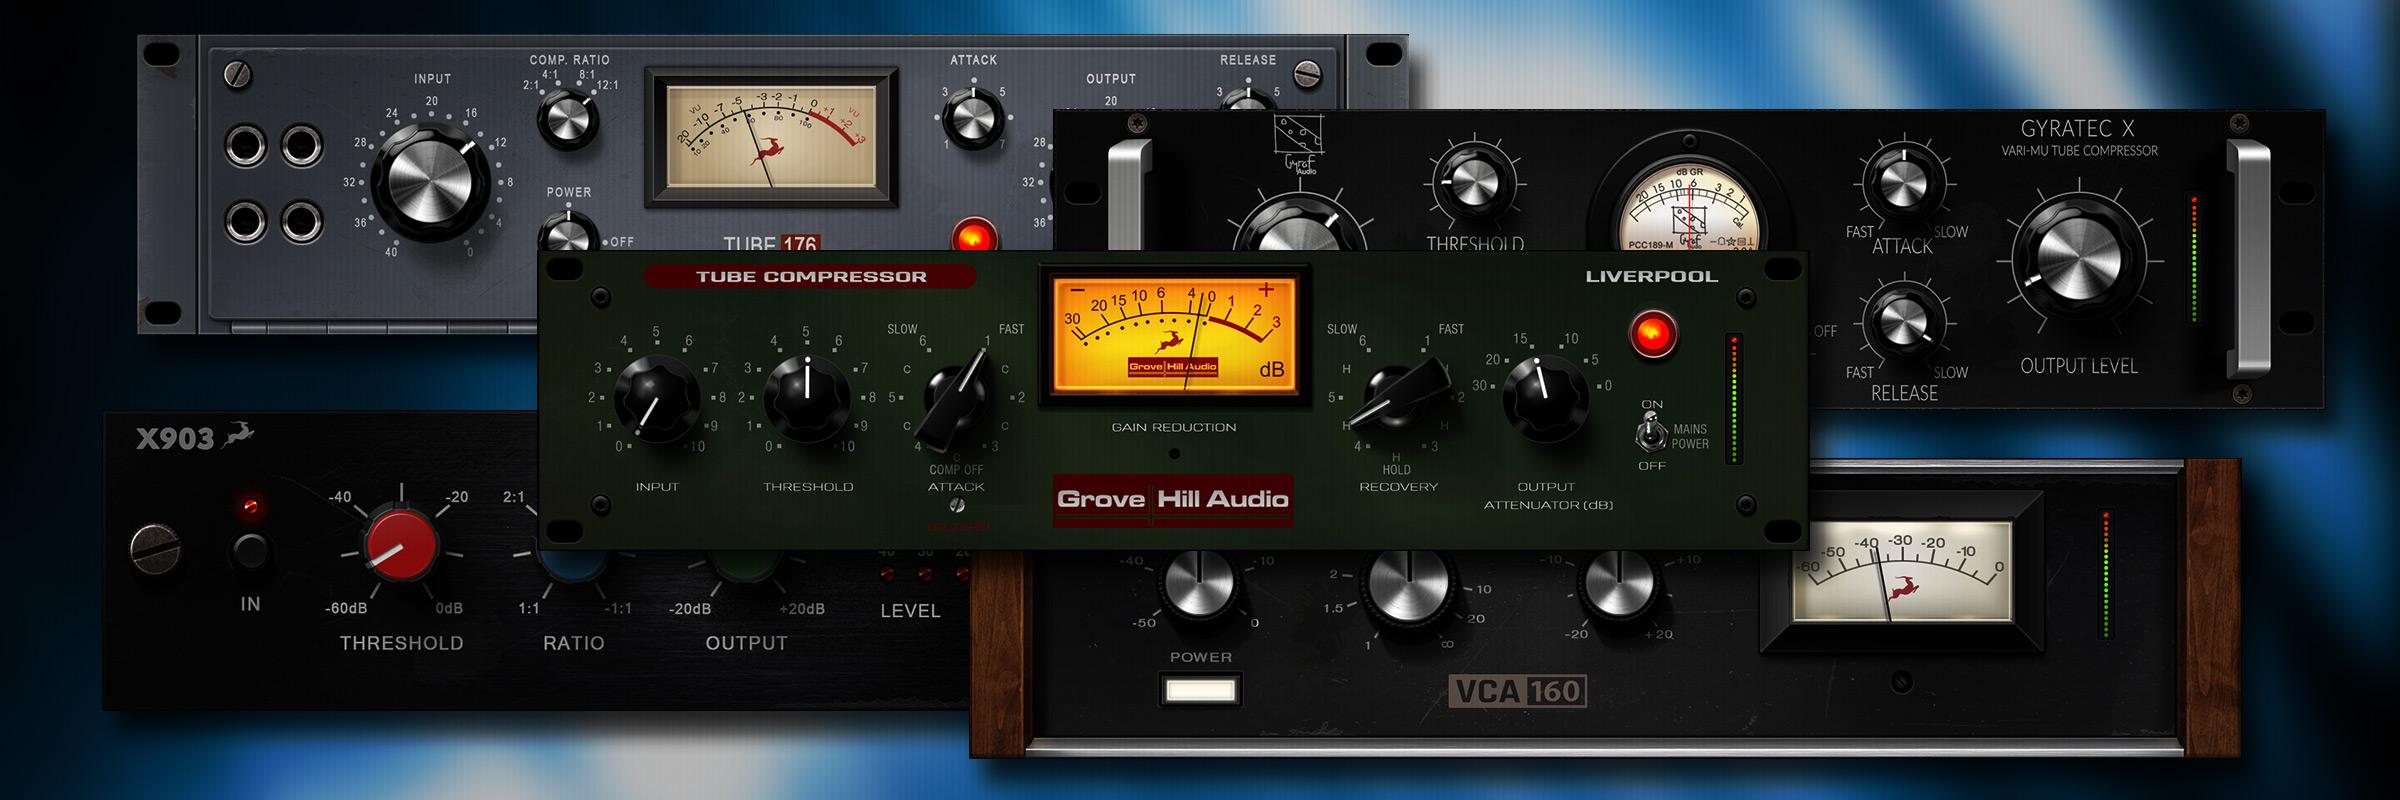 五款新的压缩器FX,只在Antelope Audio有售